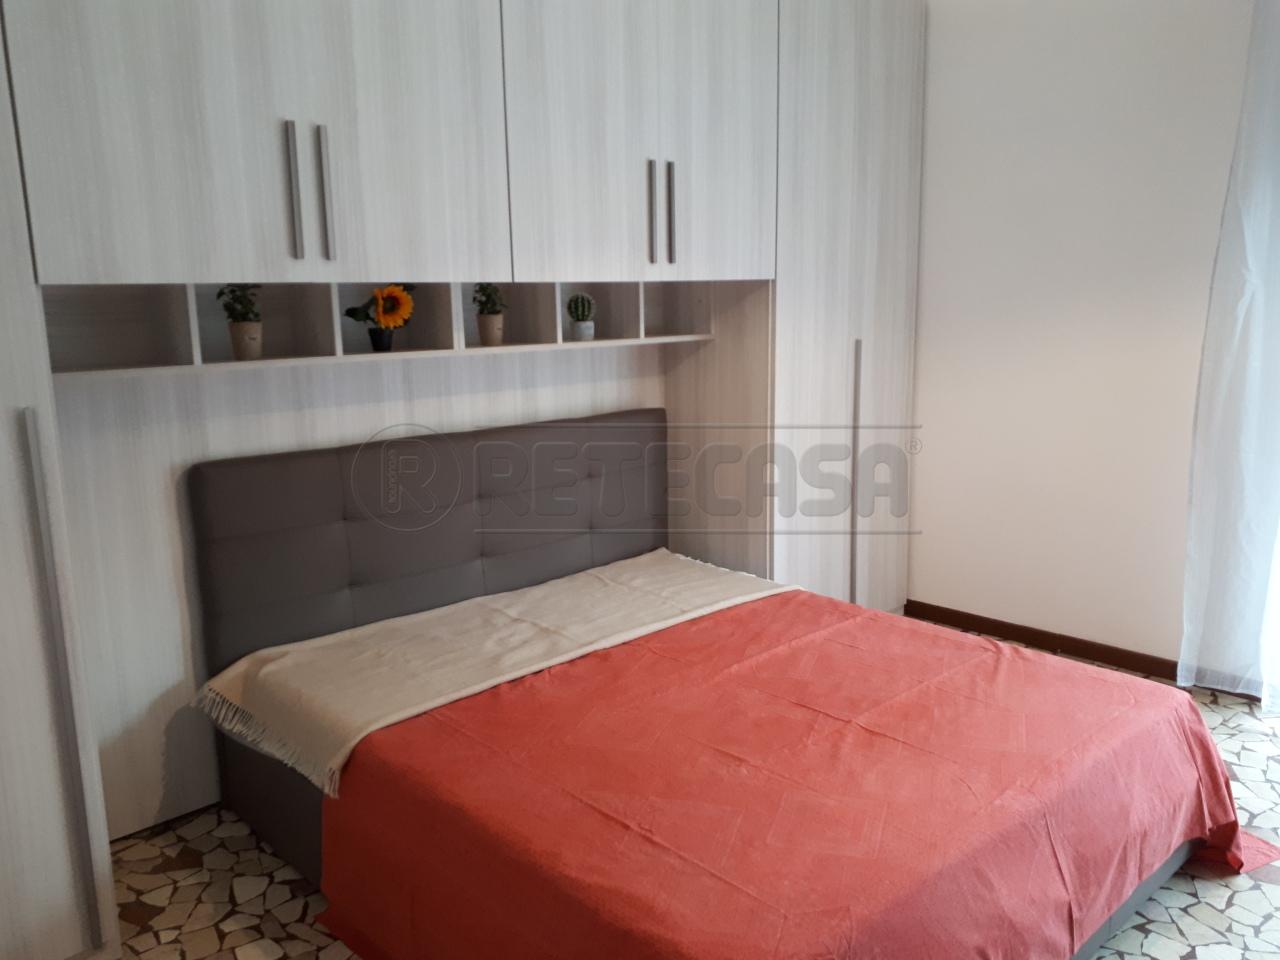 stanza affitto vicenza di metri quadrati 16 prezzo 300 rif gt stadio1